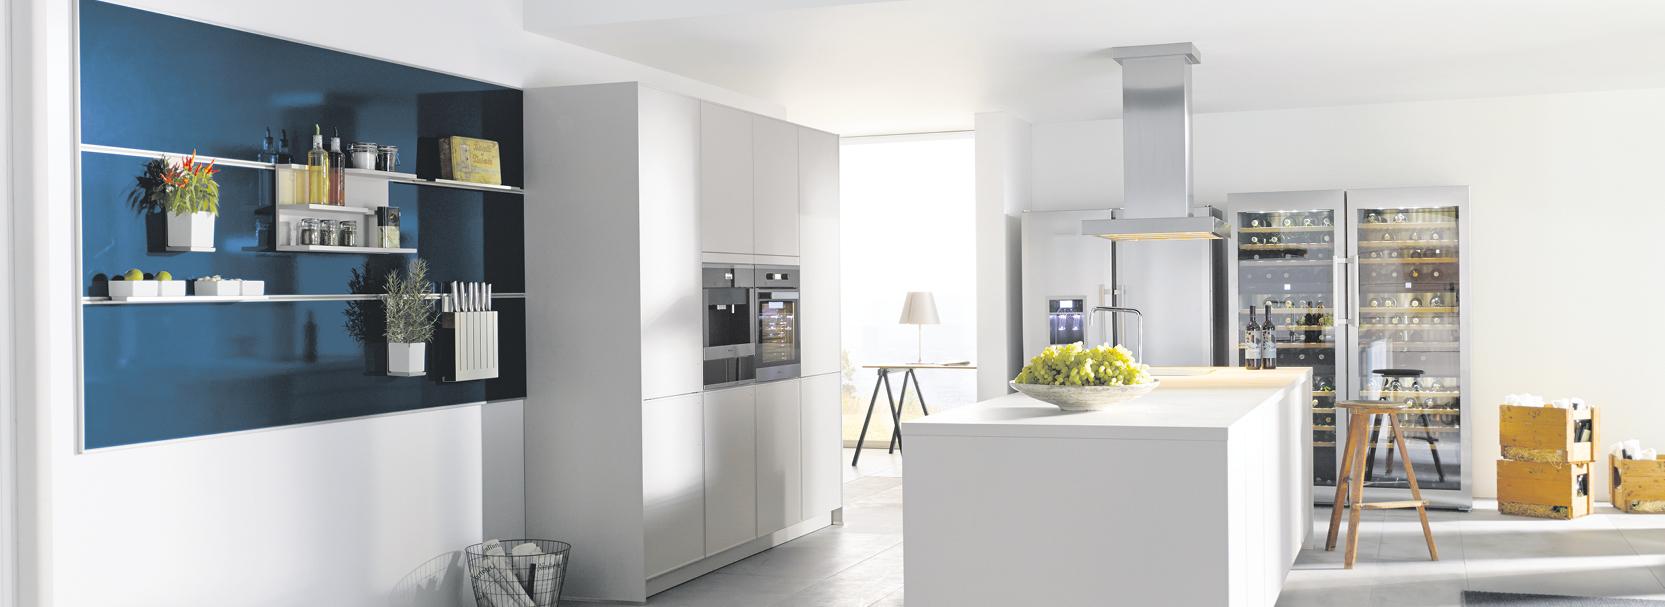 Modern, Minimalismus in der Küche